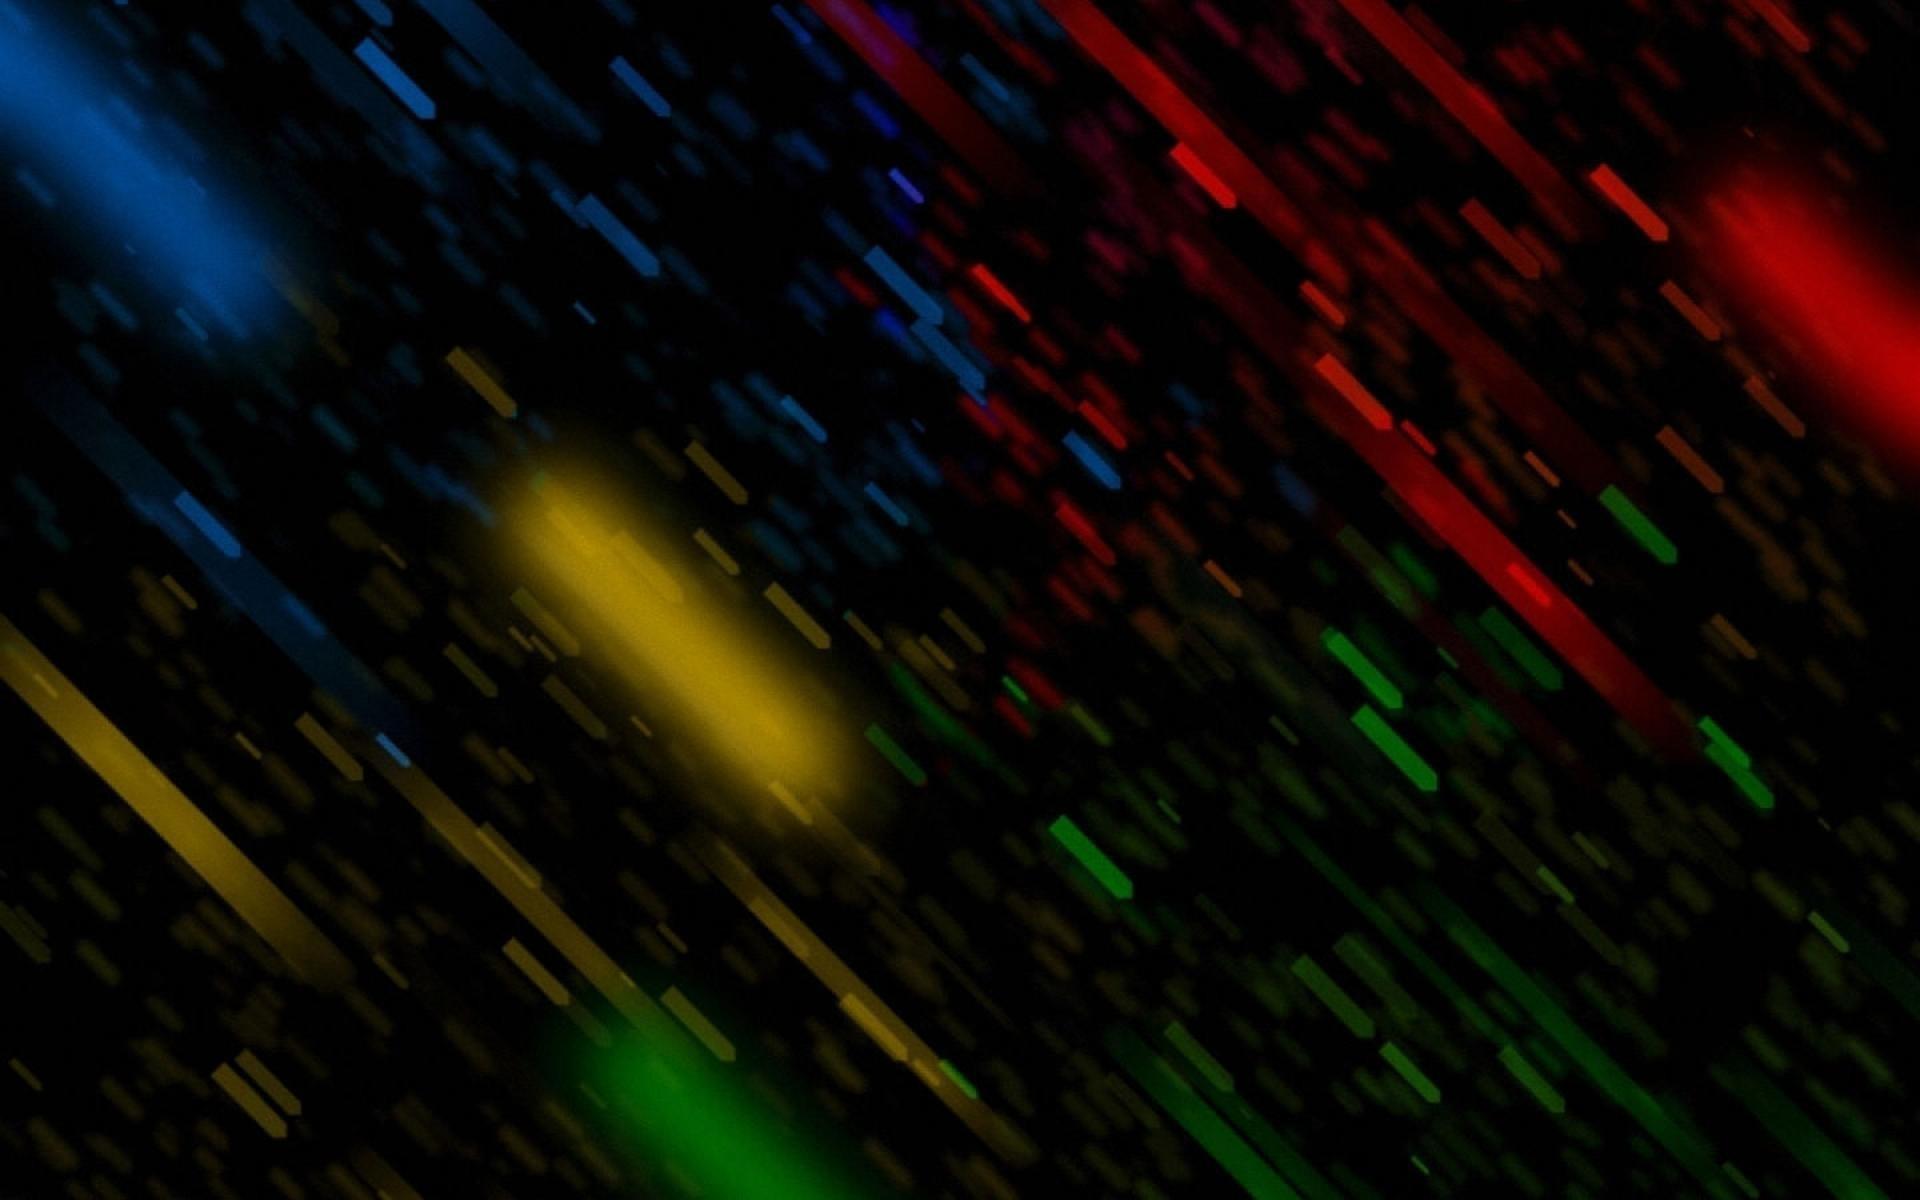 Desktop Backgrounds Nexus 57 images 1920x1200